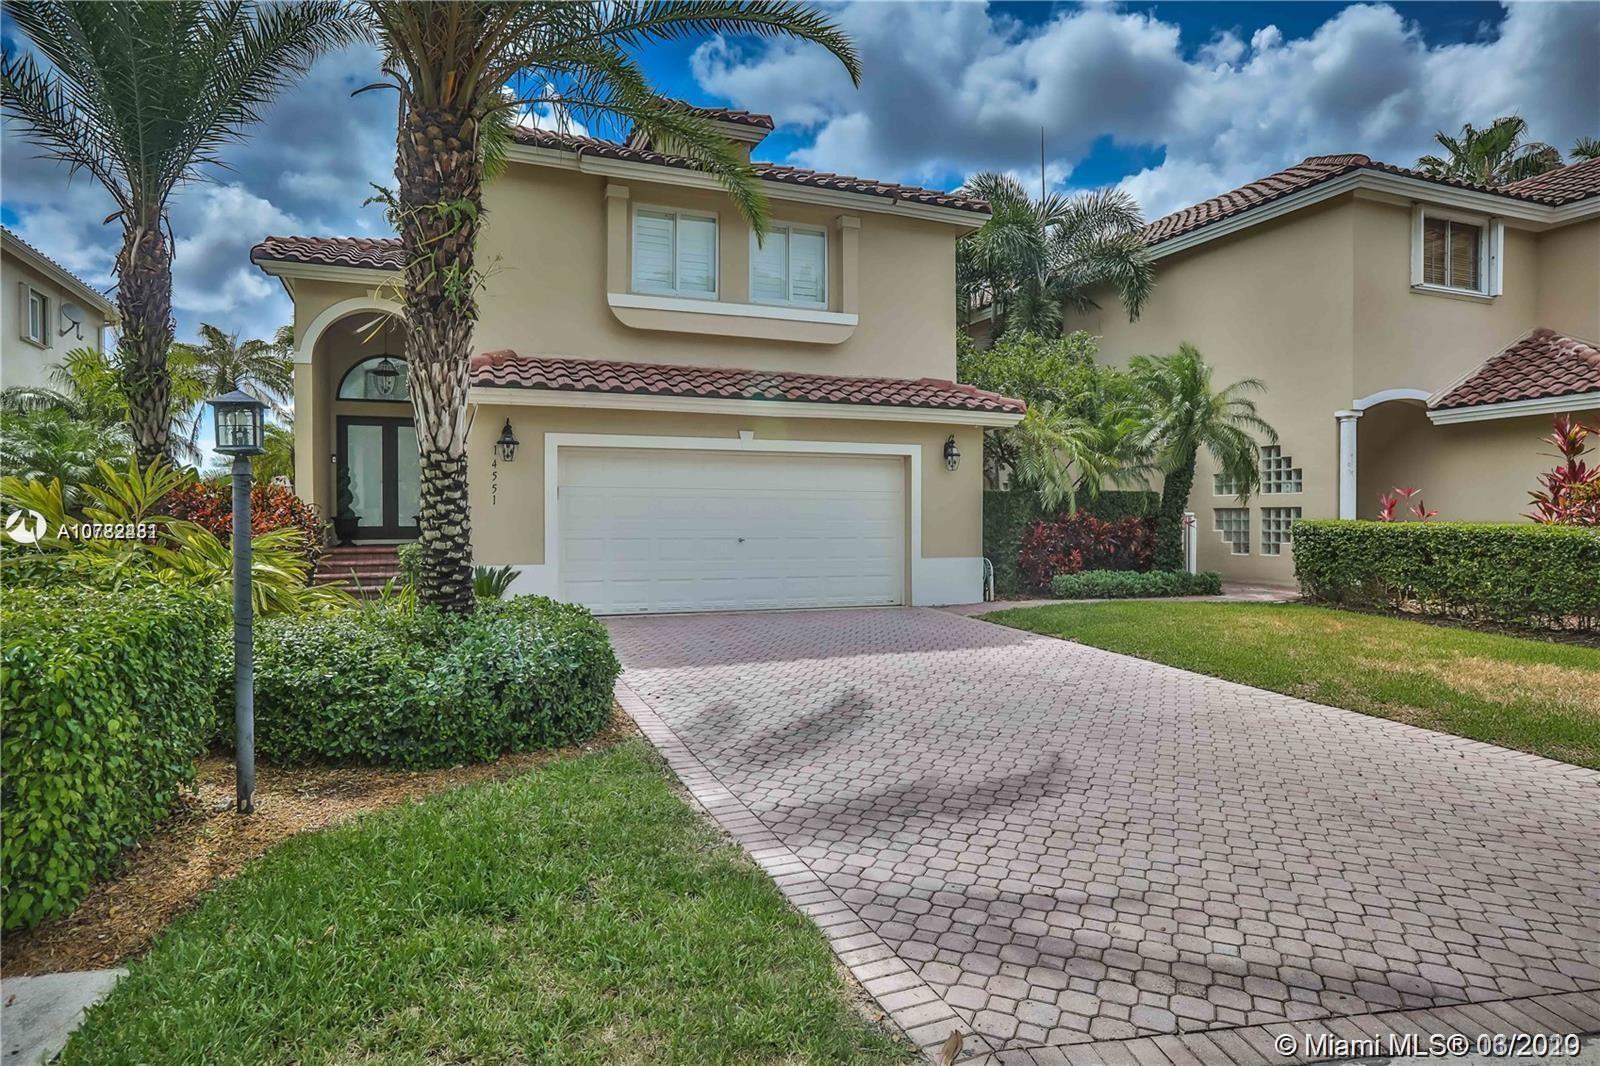 14551 SW 136th Pl, Miami, FL 33186